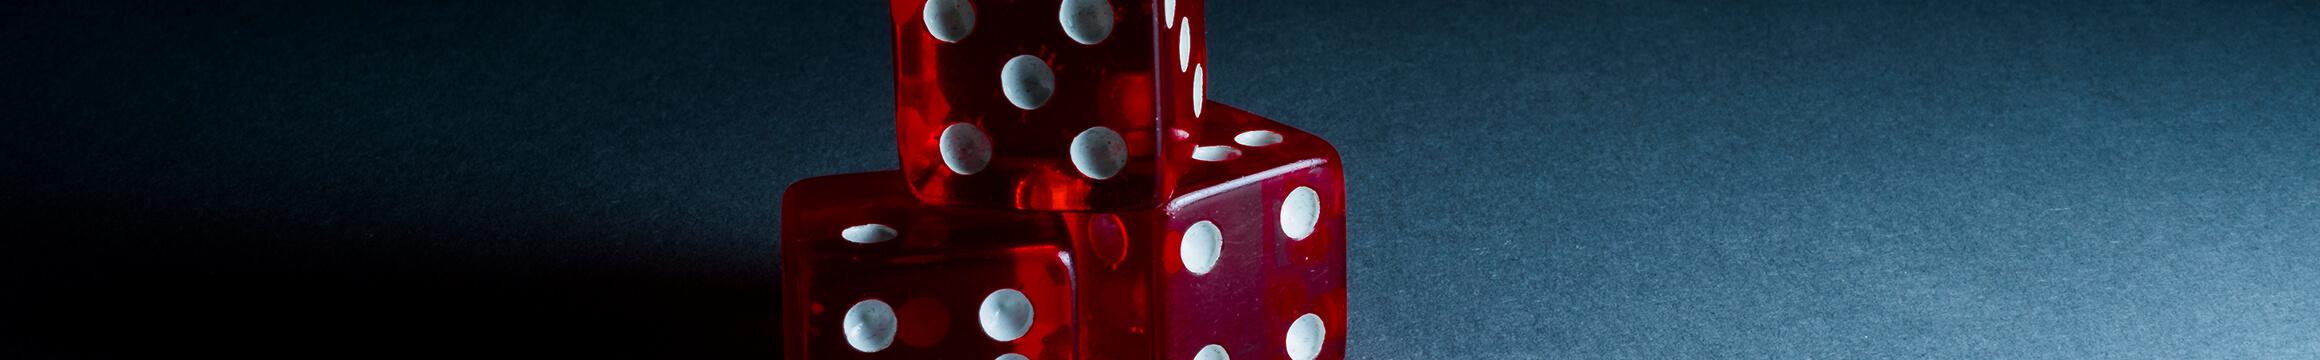 Casino 03